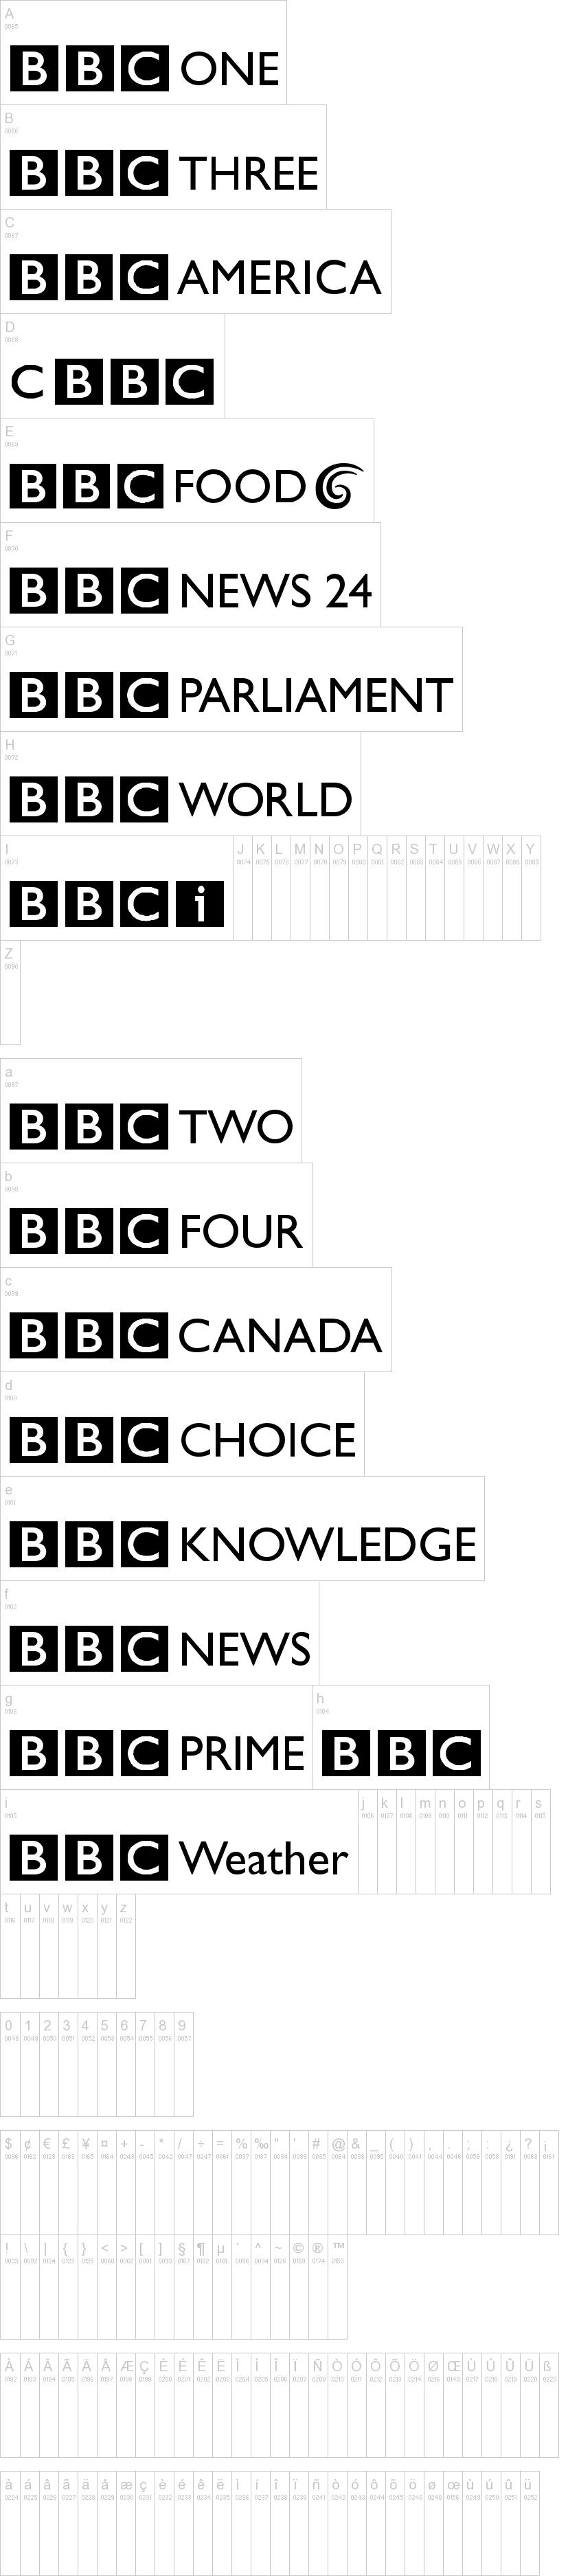 BBC logos Font | dafont com